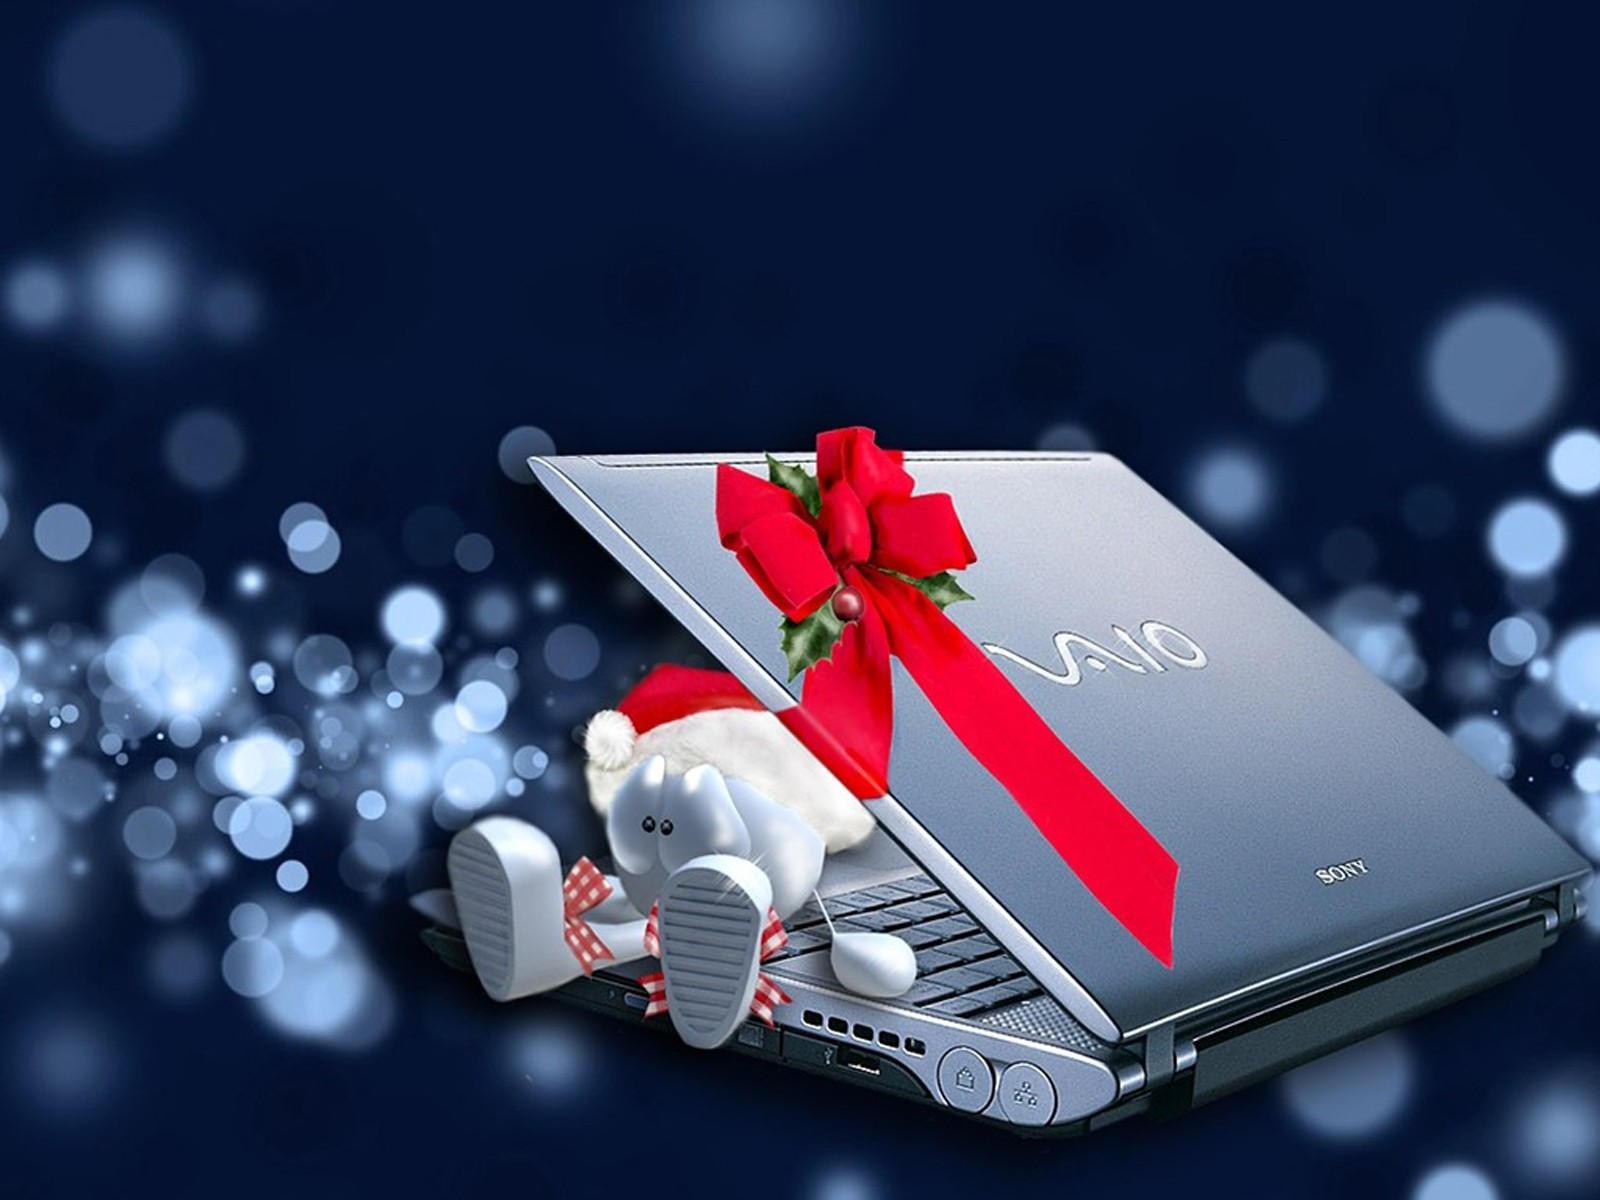 Картинка компьютер в подарок